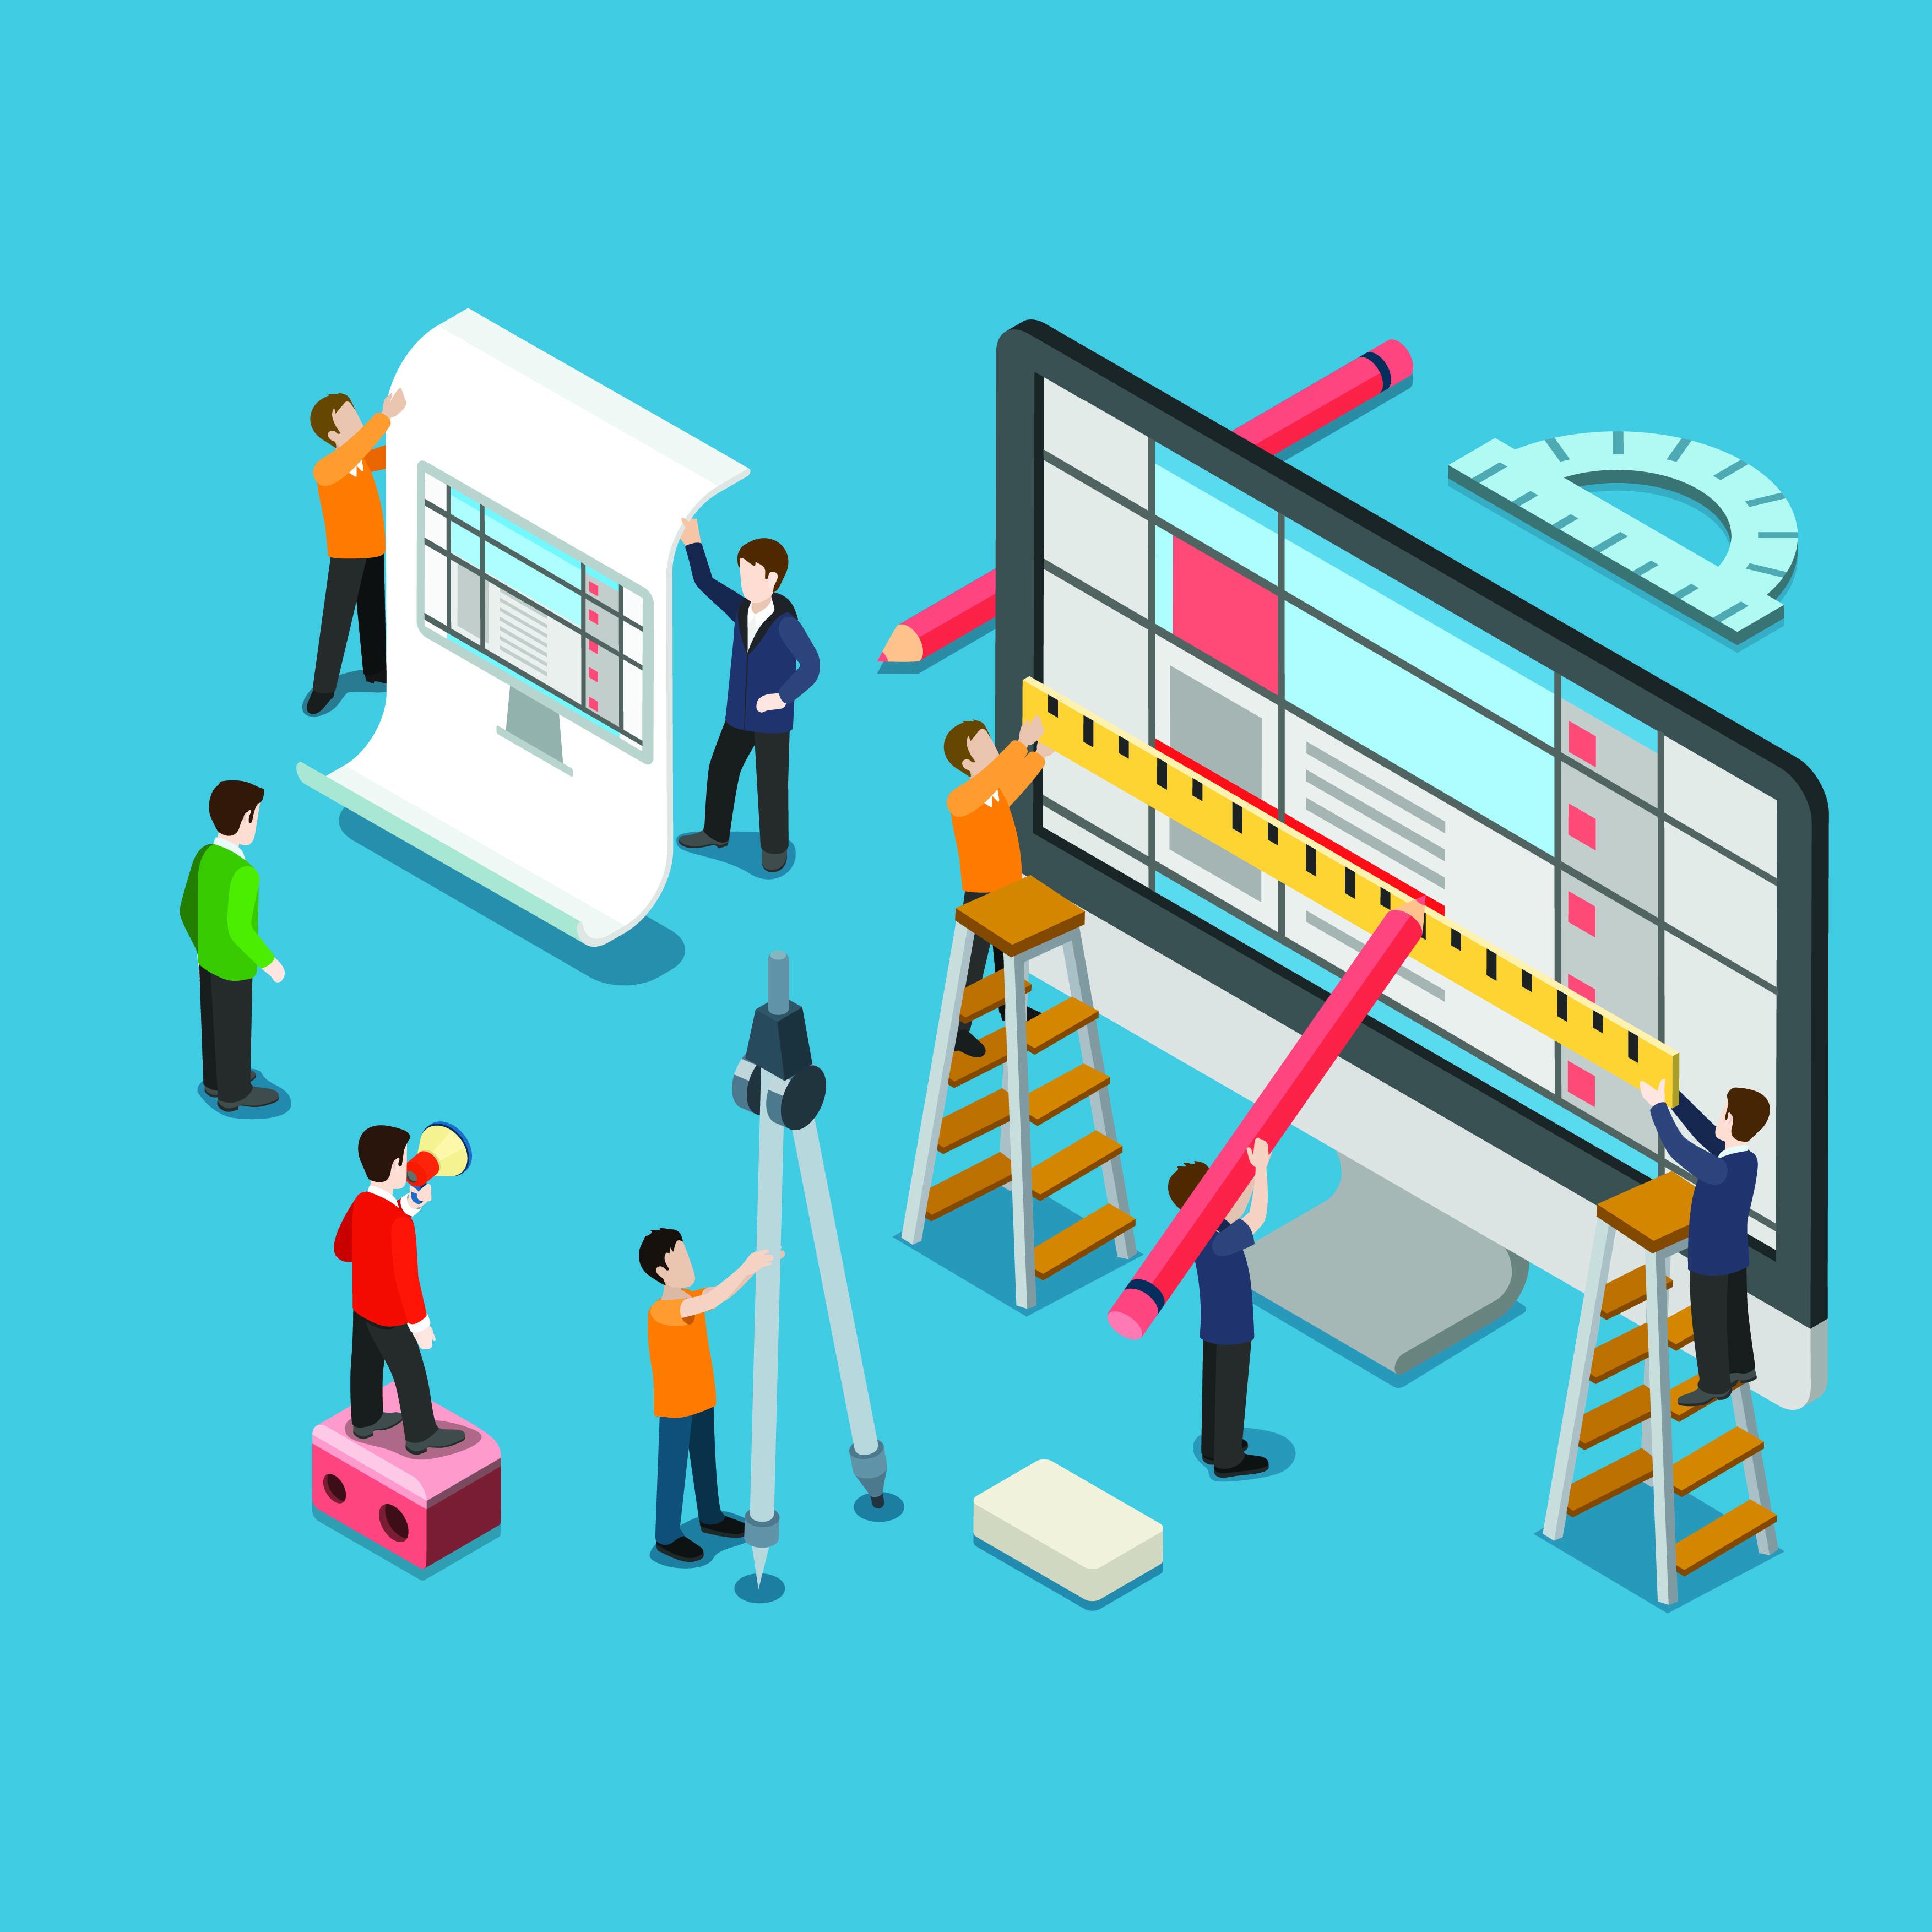 Sua empresa está pronta para o lançamento do novo site?